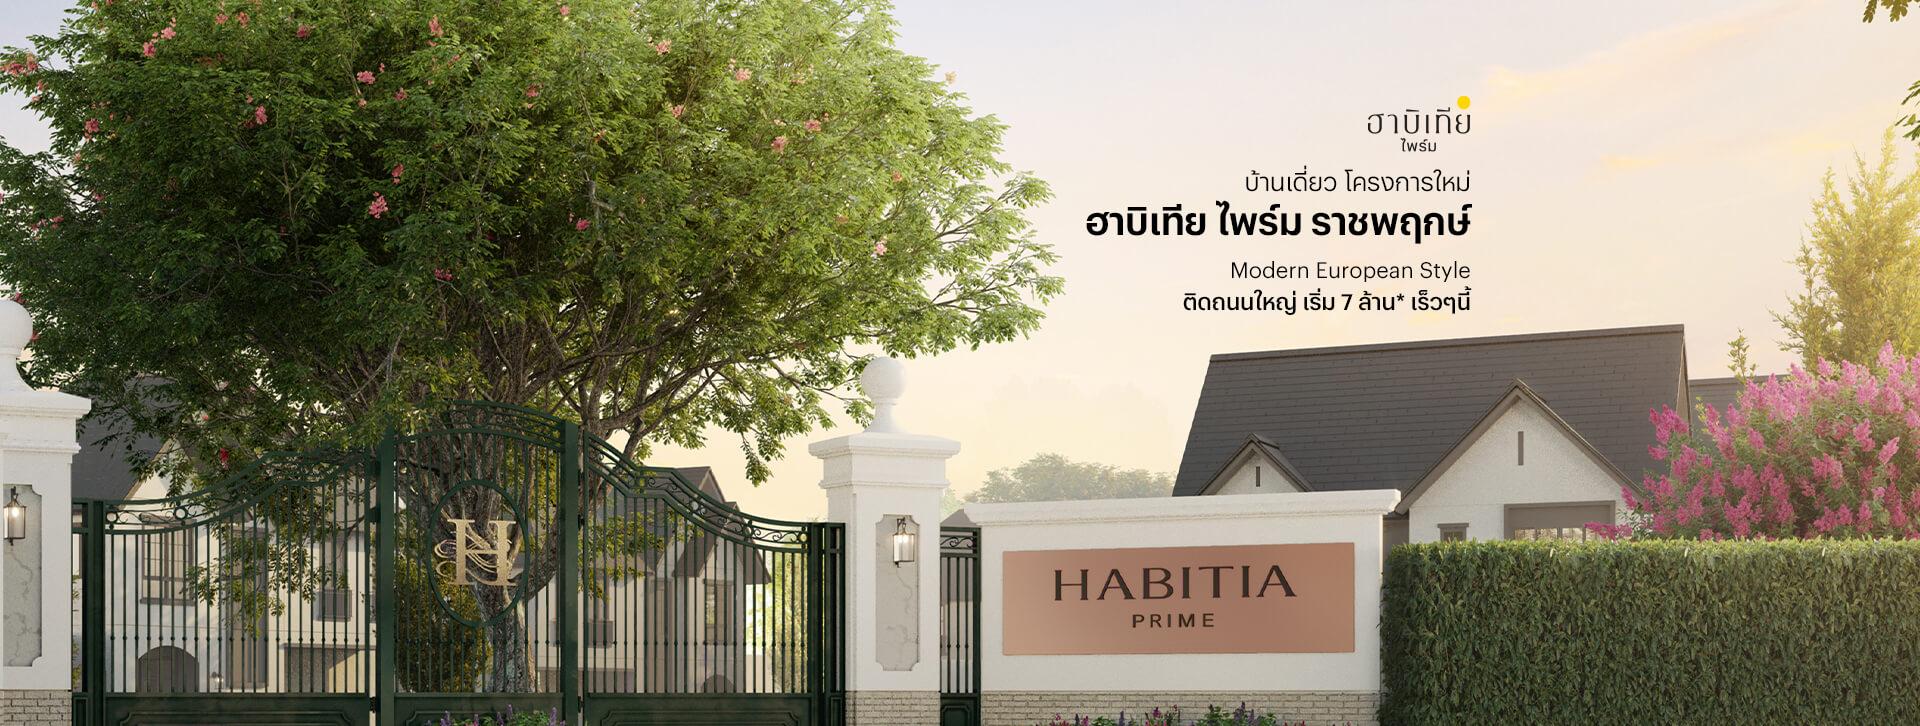 ฮาบิเทีย แสนสิริ บ้านเดี่ยว